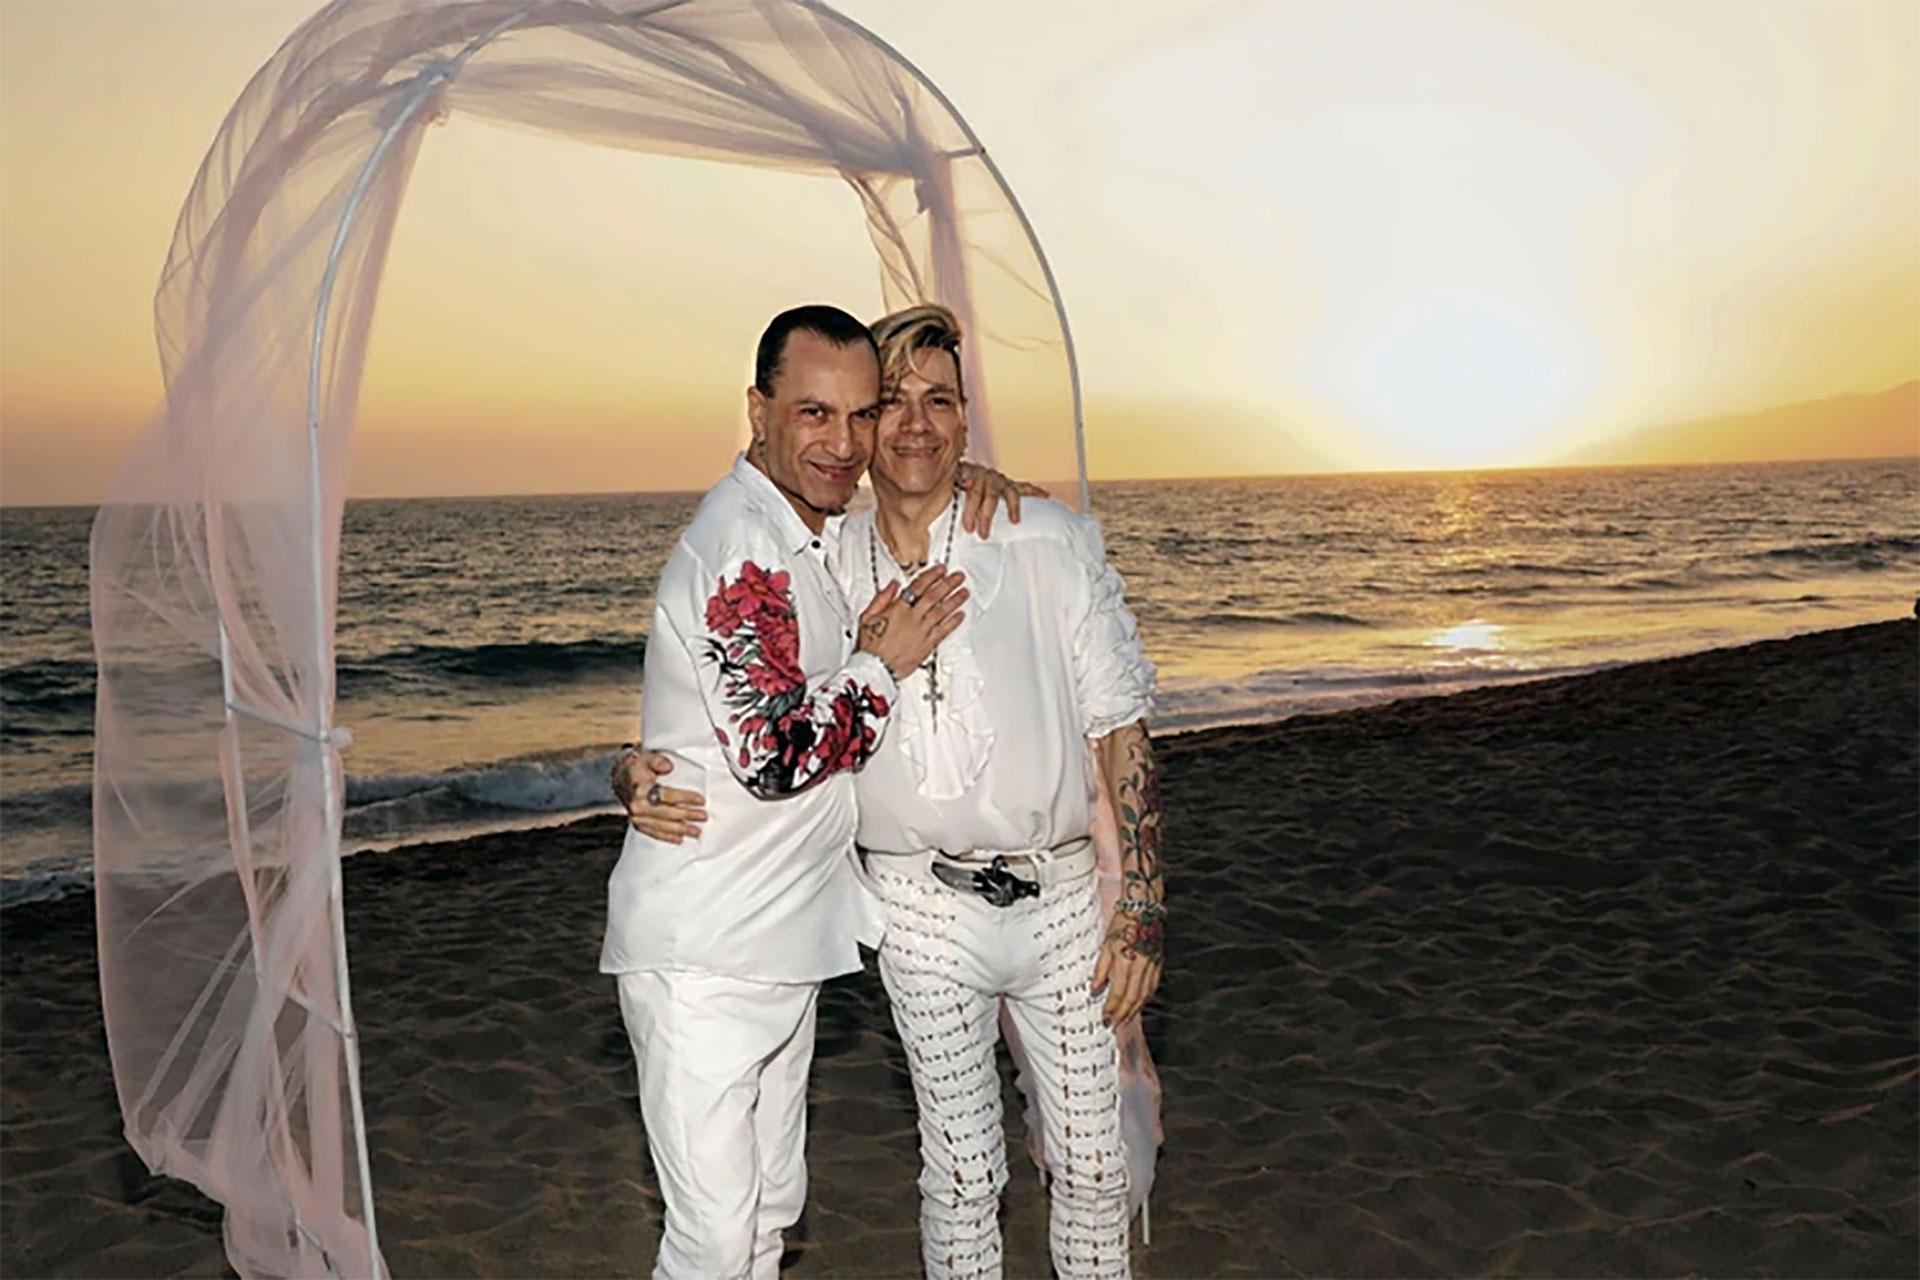 Su unión civil fue en 2008, su casamiento legal en 2010 y este año fueron por más. Precursores de la lucha por los derechos del matrimonio igualitario en Argentina, el diseñador y su esposo renovaron sus votos en una ceremonia en Malibú, California.